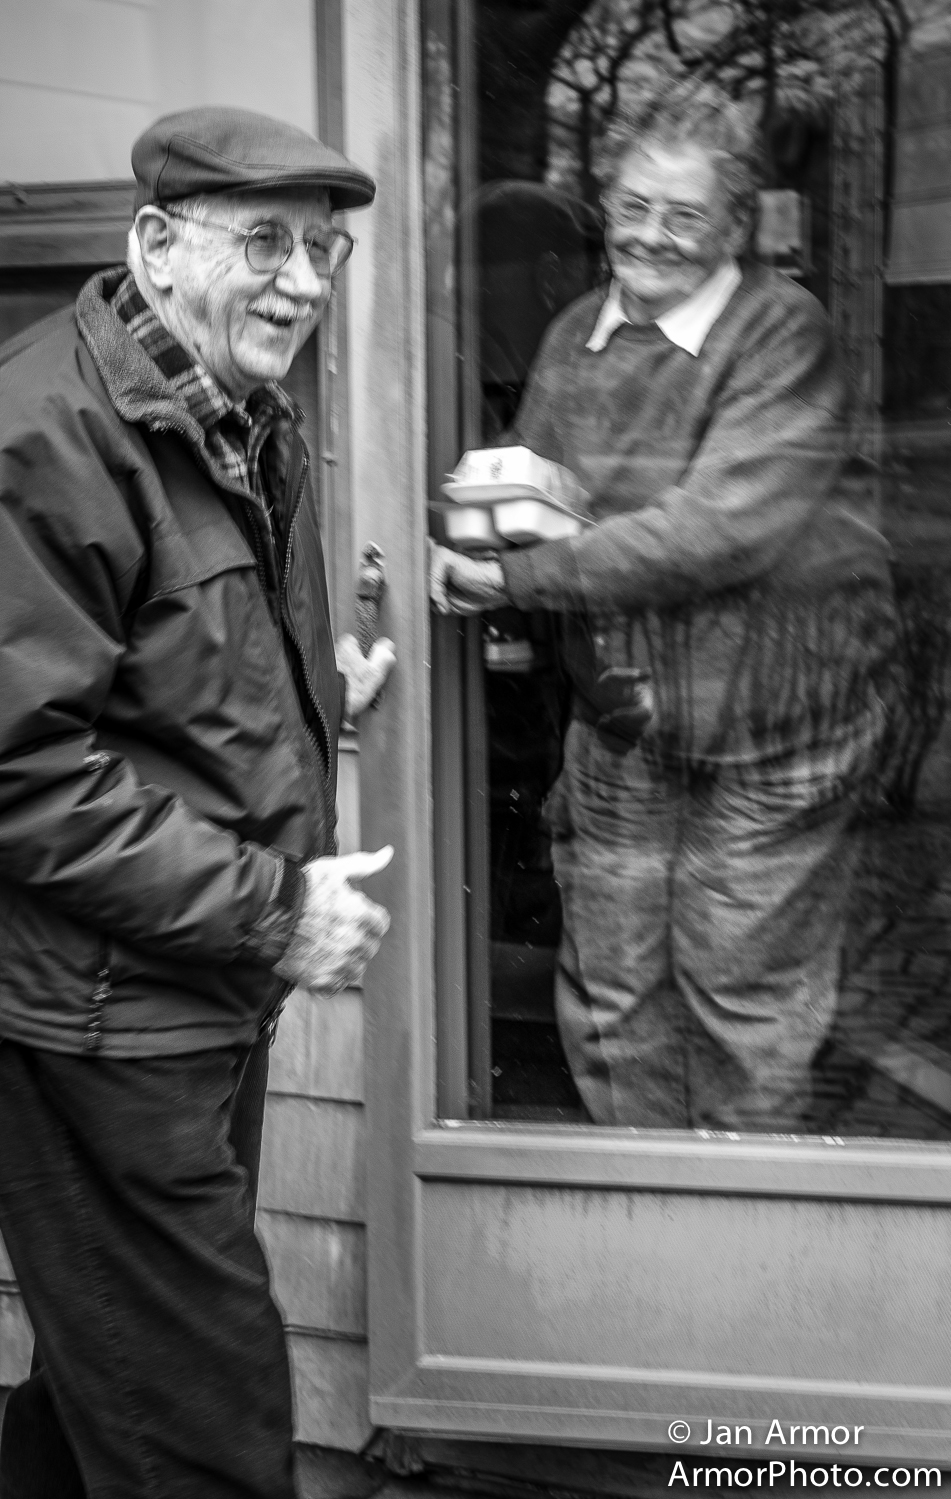 John delivers Meals On Wheels  Door to Door